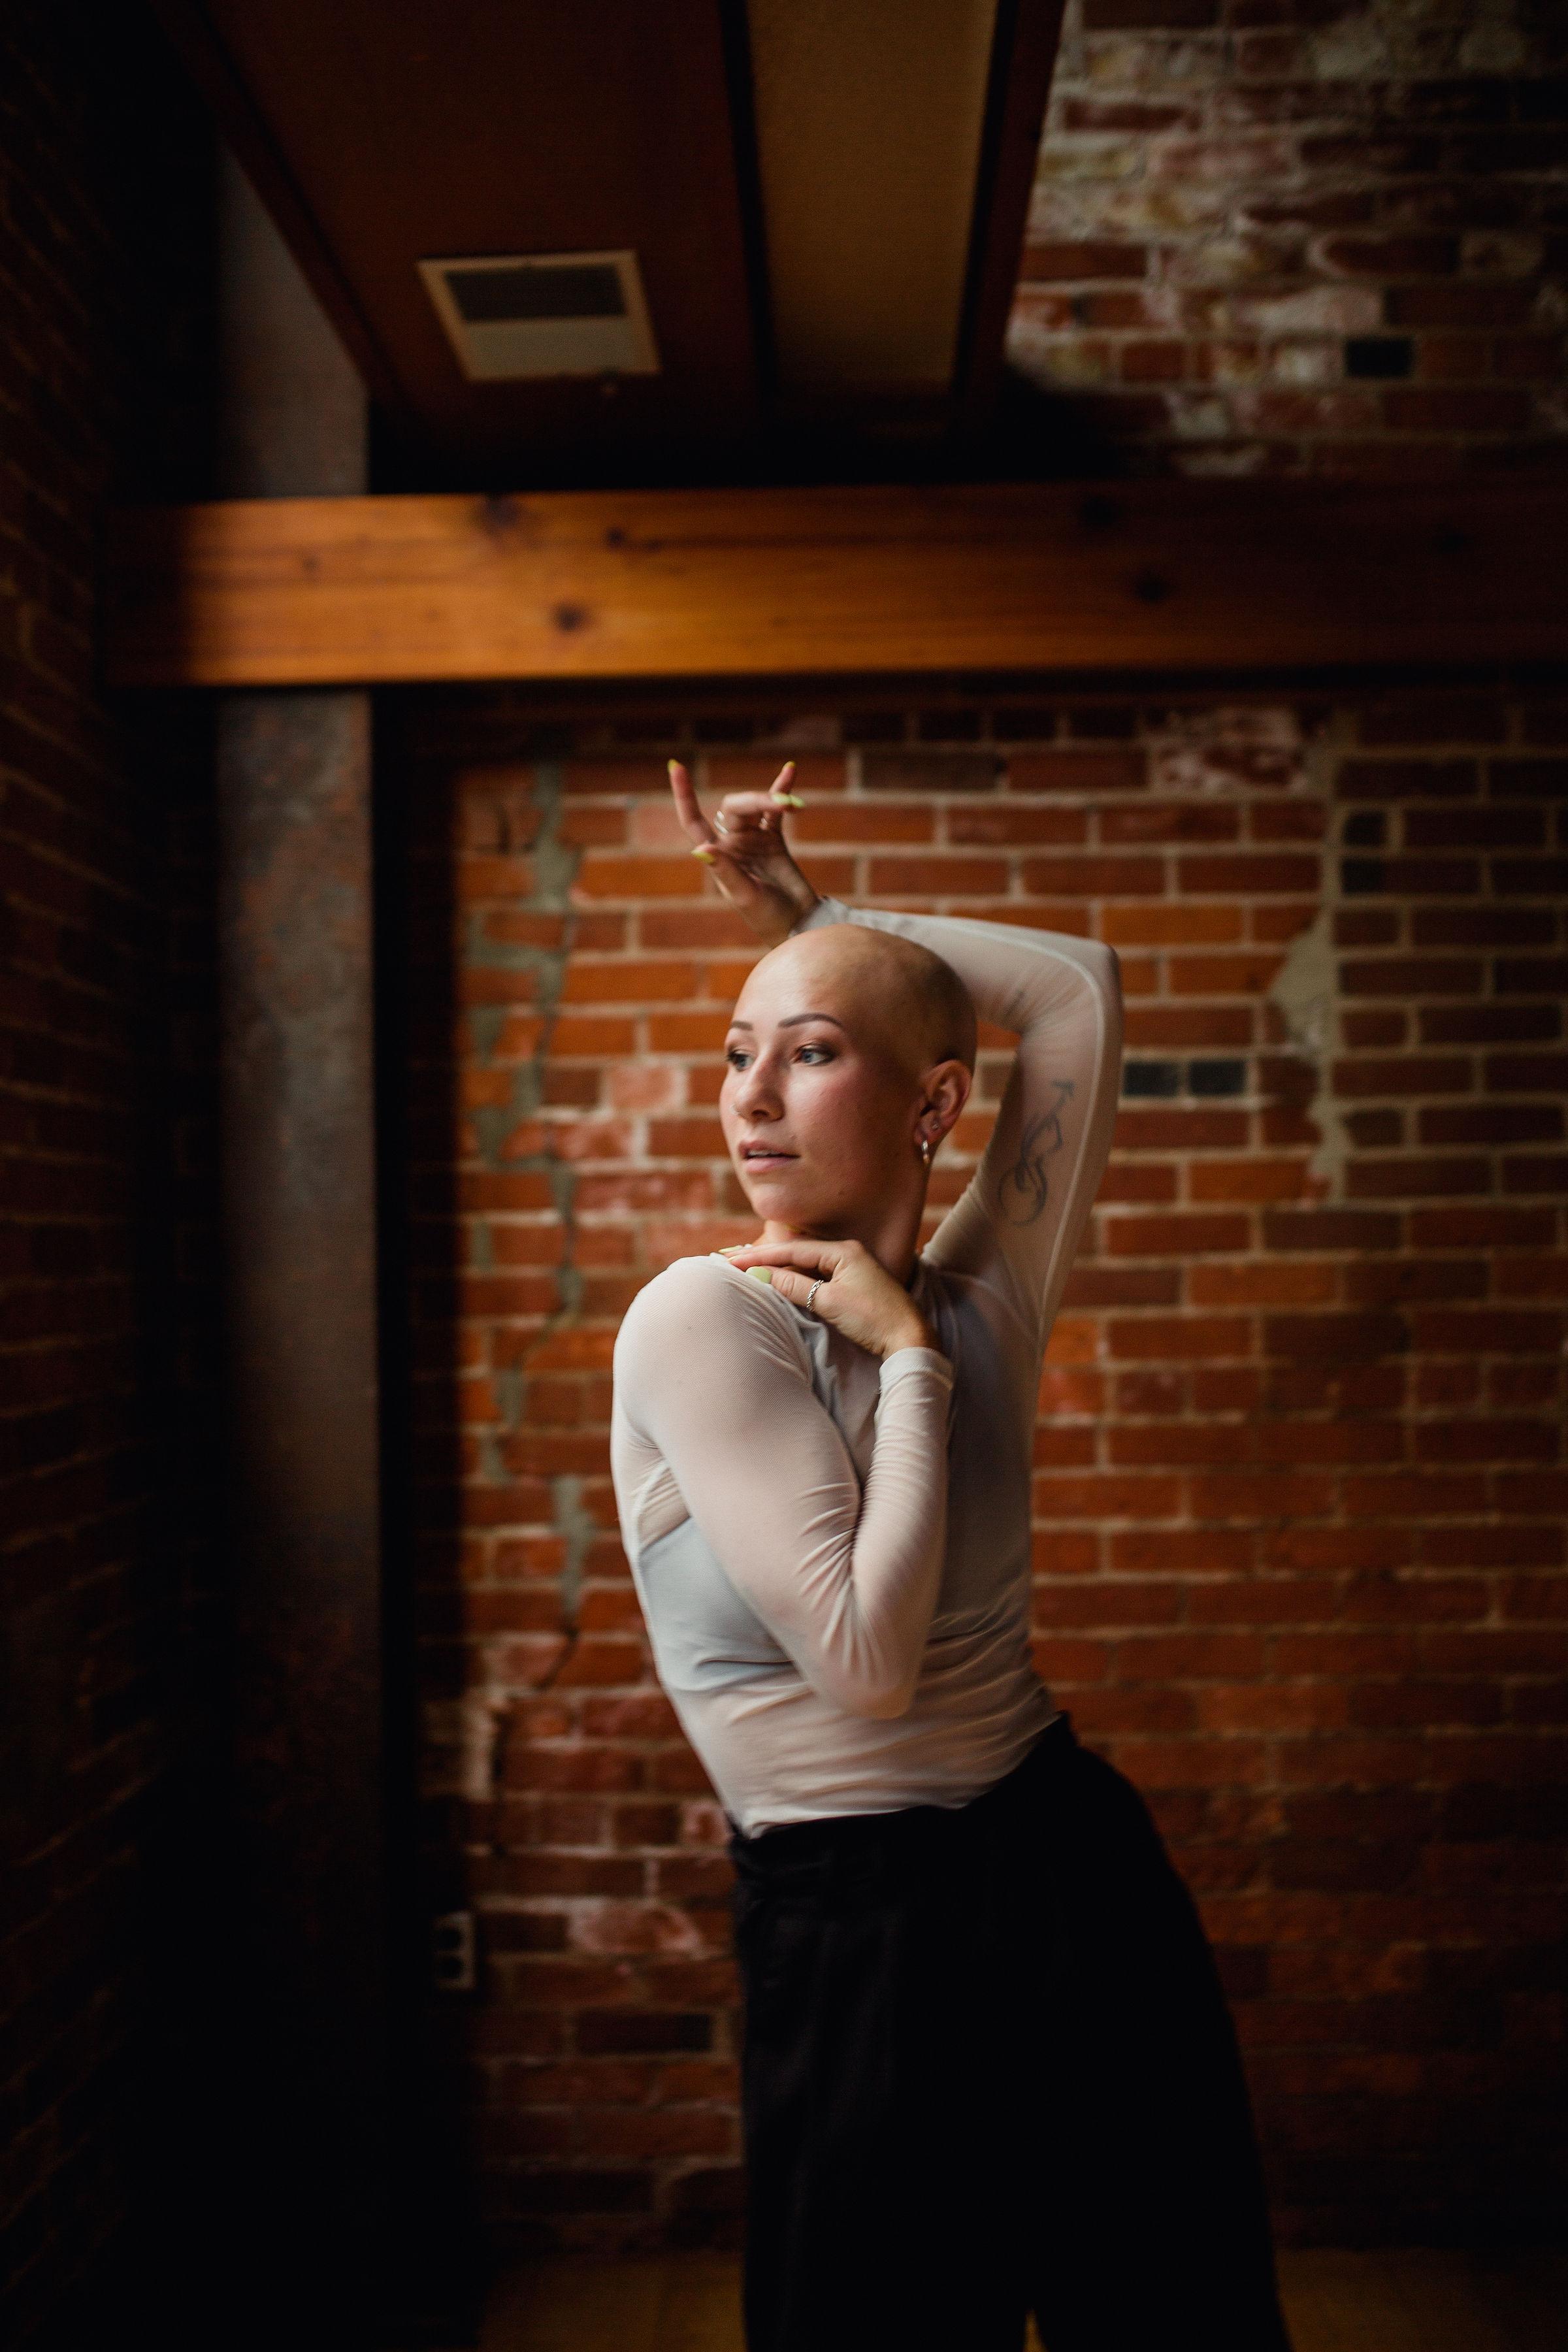 7.10.19_DesJardinsStudio_MadisonJordan_Dance_9.jpg